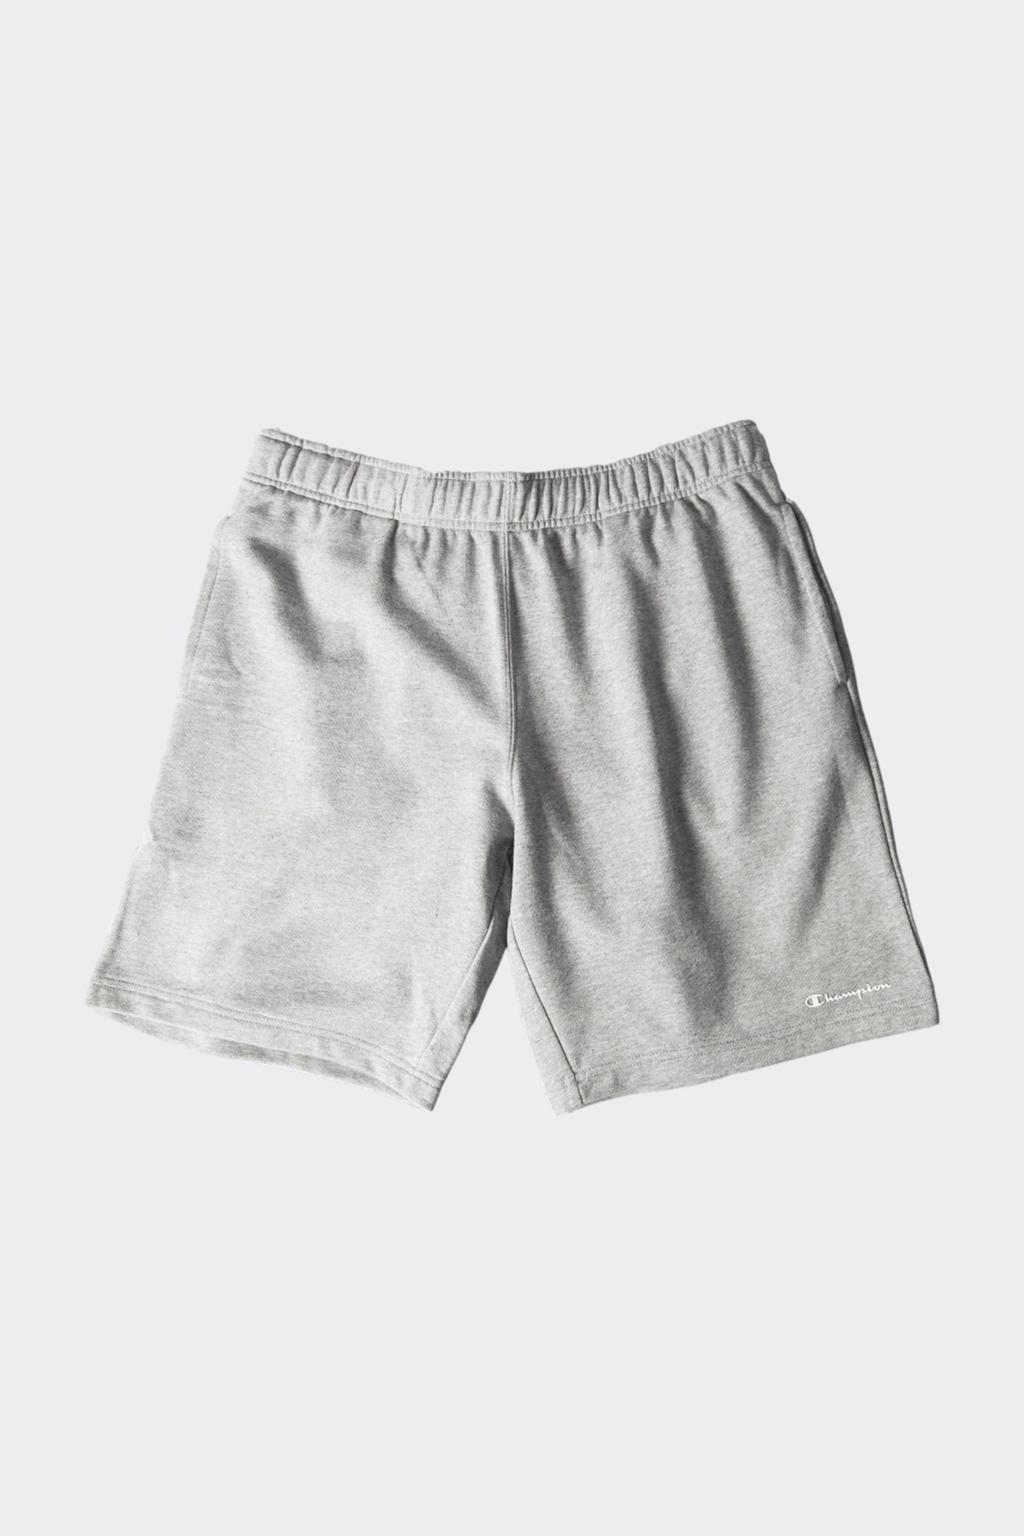 Champion šortky s logem pánské - šedé